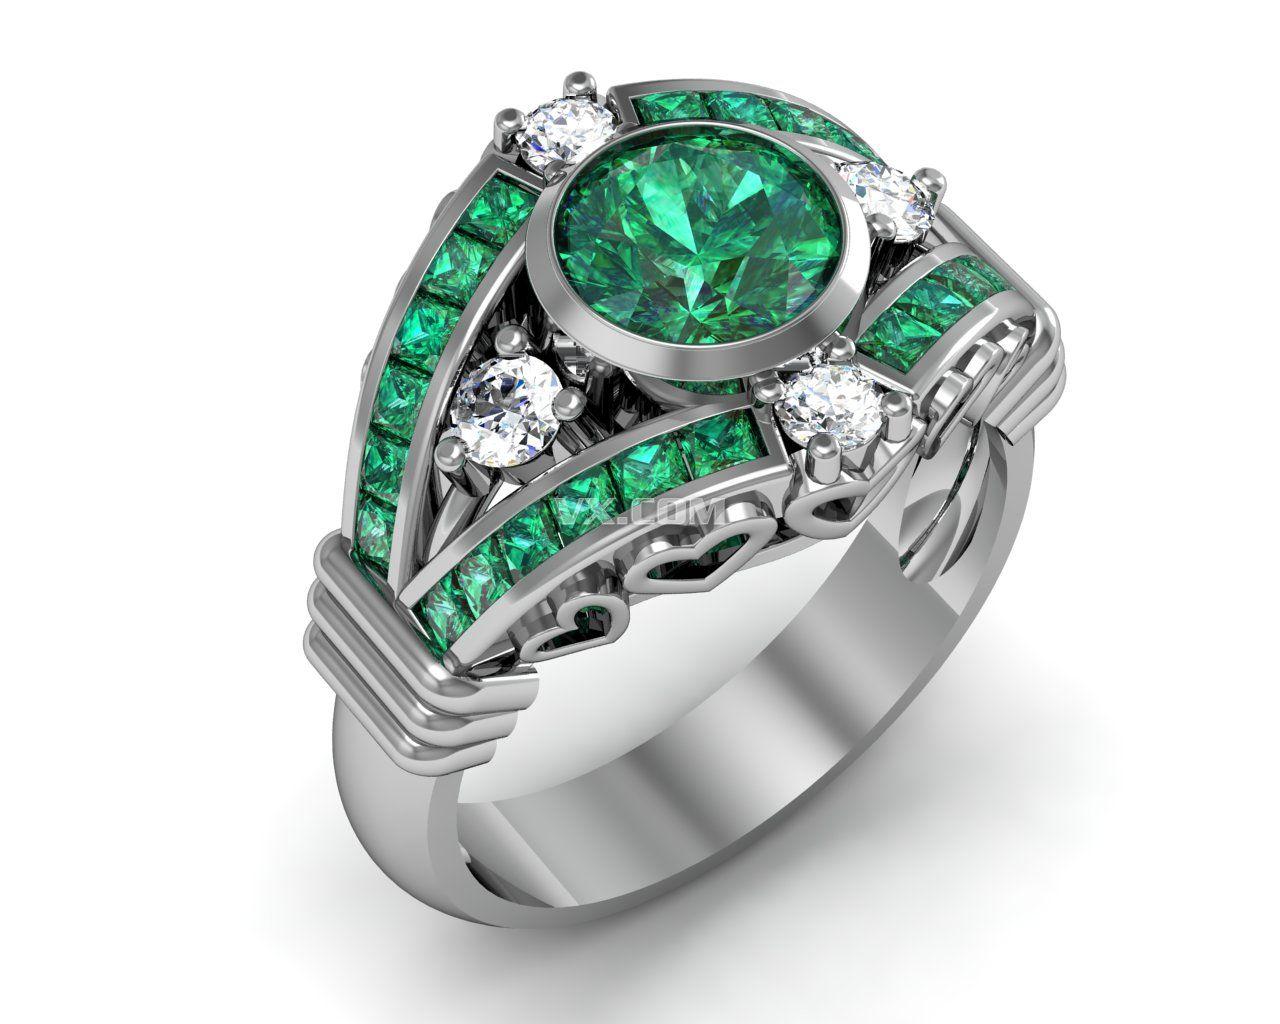 钻石戒指三维设计_step/stp_珠宝首饰_3d模型_图纸